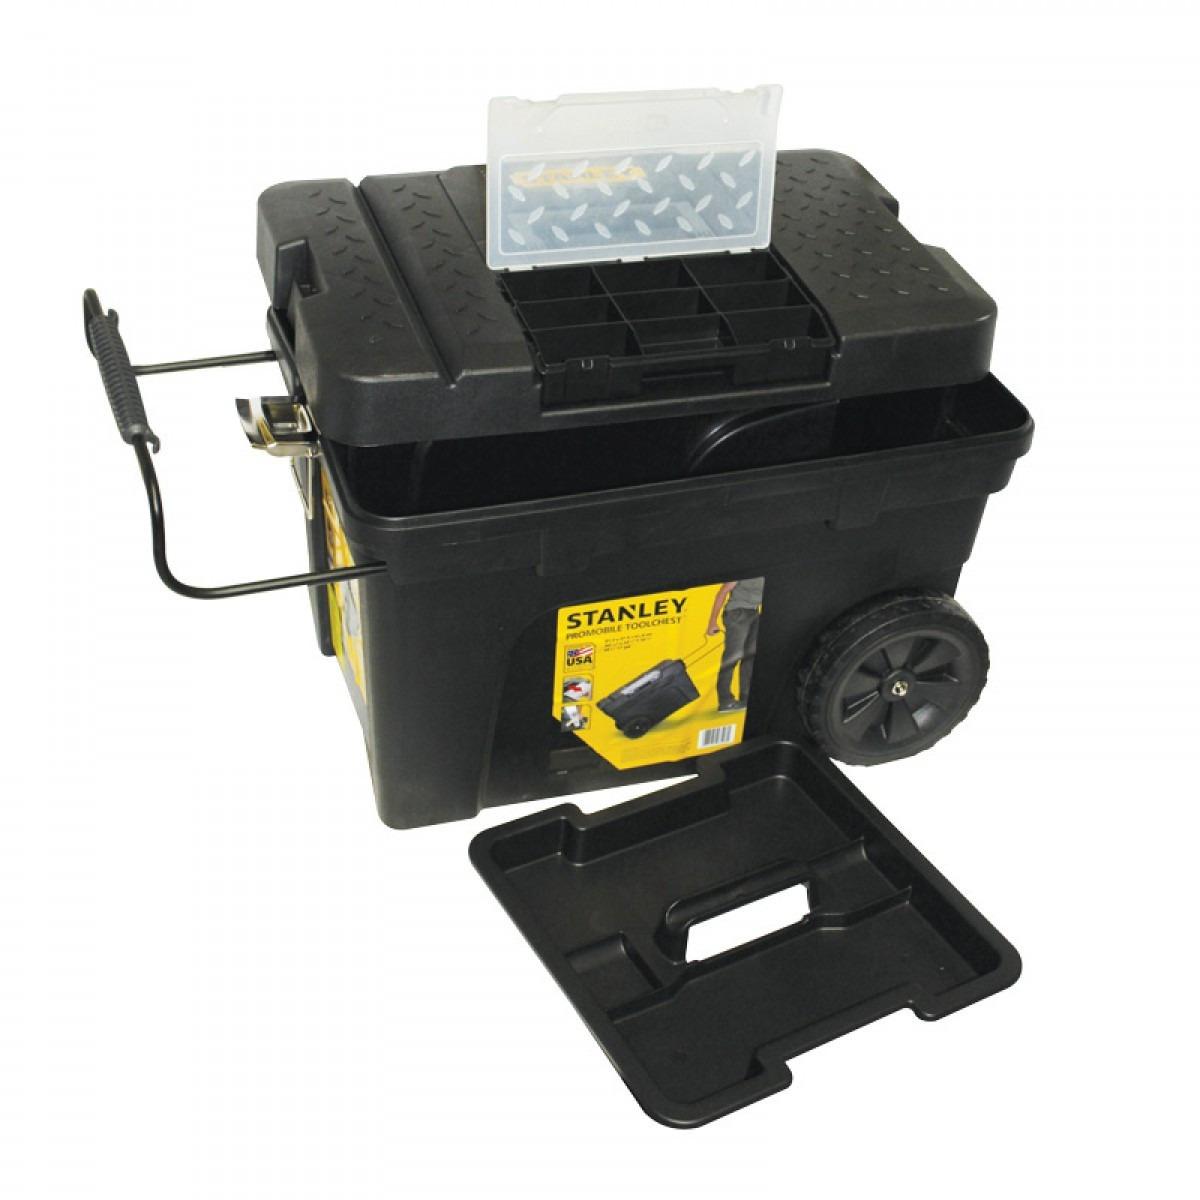 Caja para herramientas con ruedas 033026r stanley 680 - Caja de herramientas stanley ...